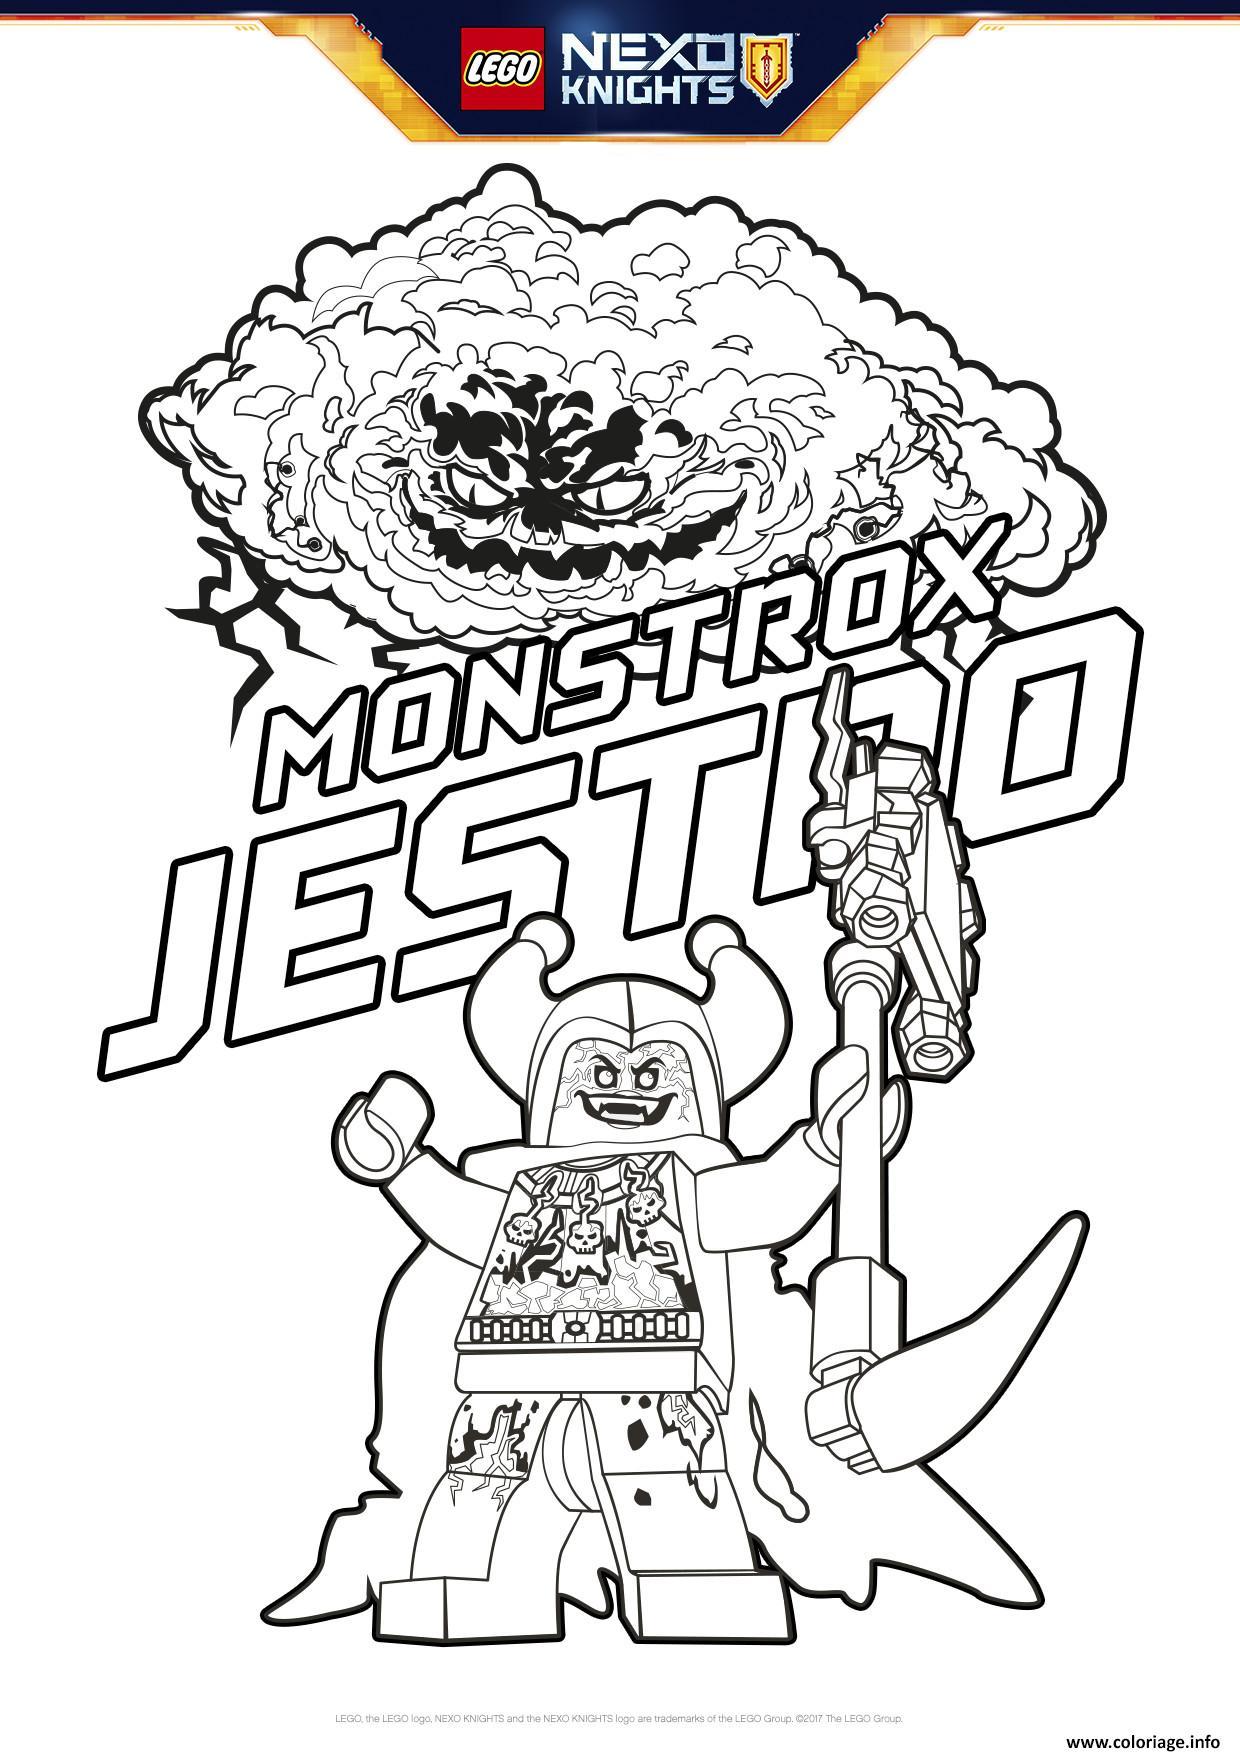 Coloriage Lego Nexo Knights MonstroxJestro Dessin  Imprimer